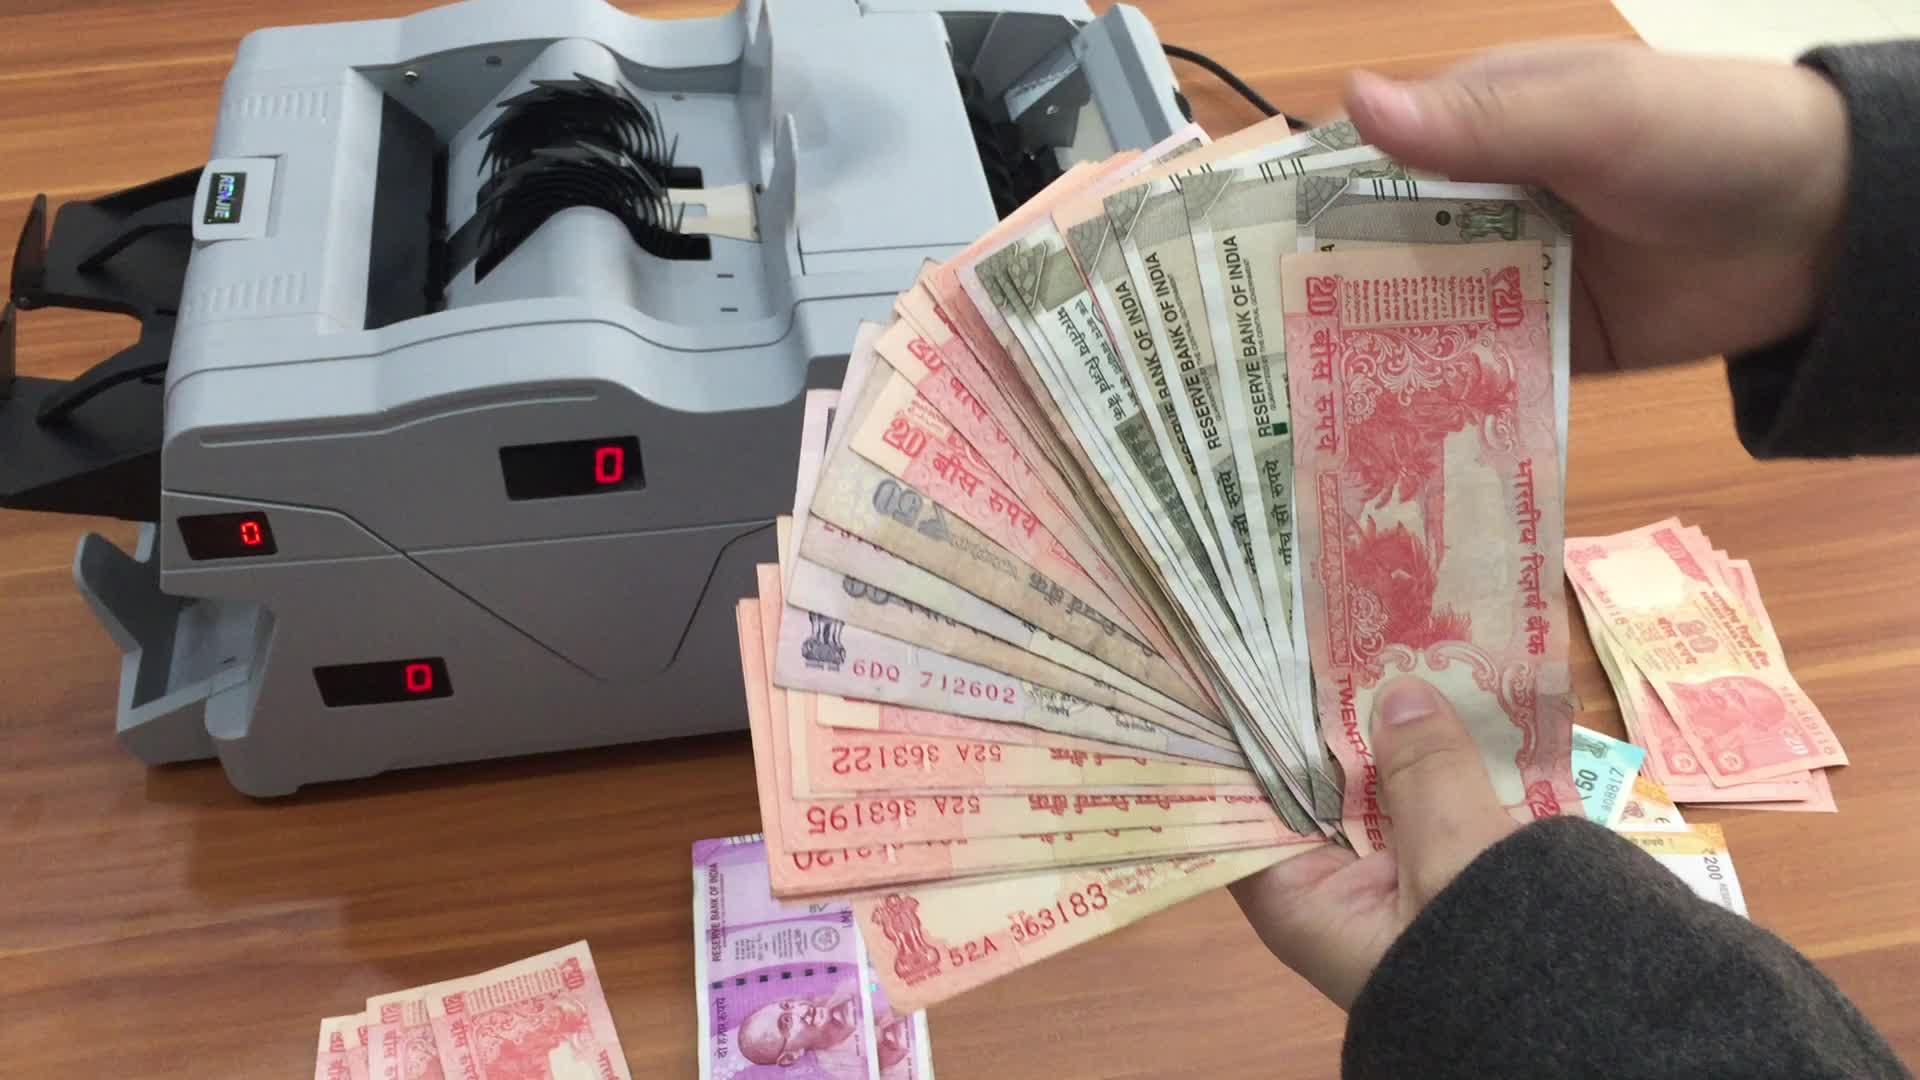 Professionale di Alta precisione multi-valuta rivelatore dei soldi Contatore macchina contadora de billetes cash conteggio macchina